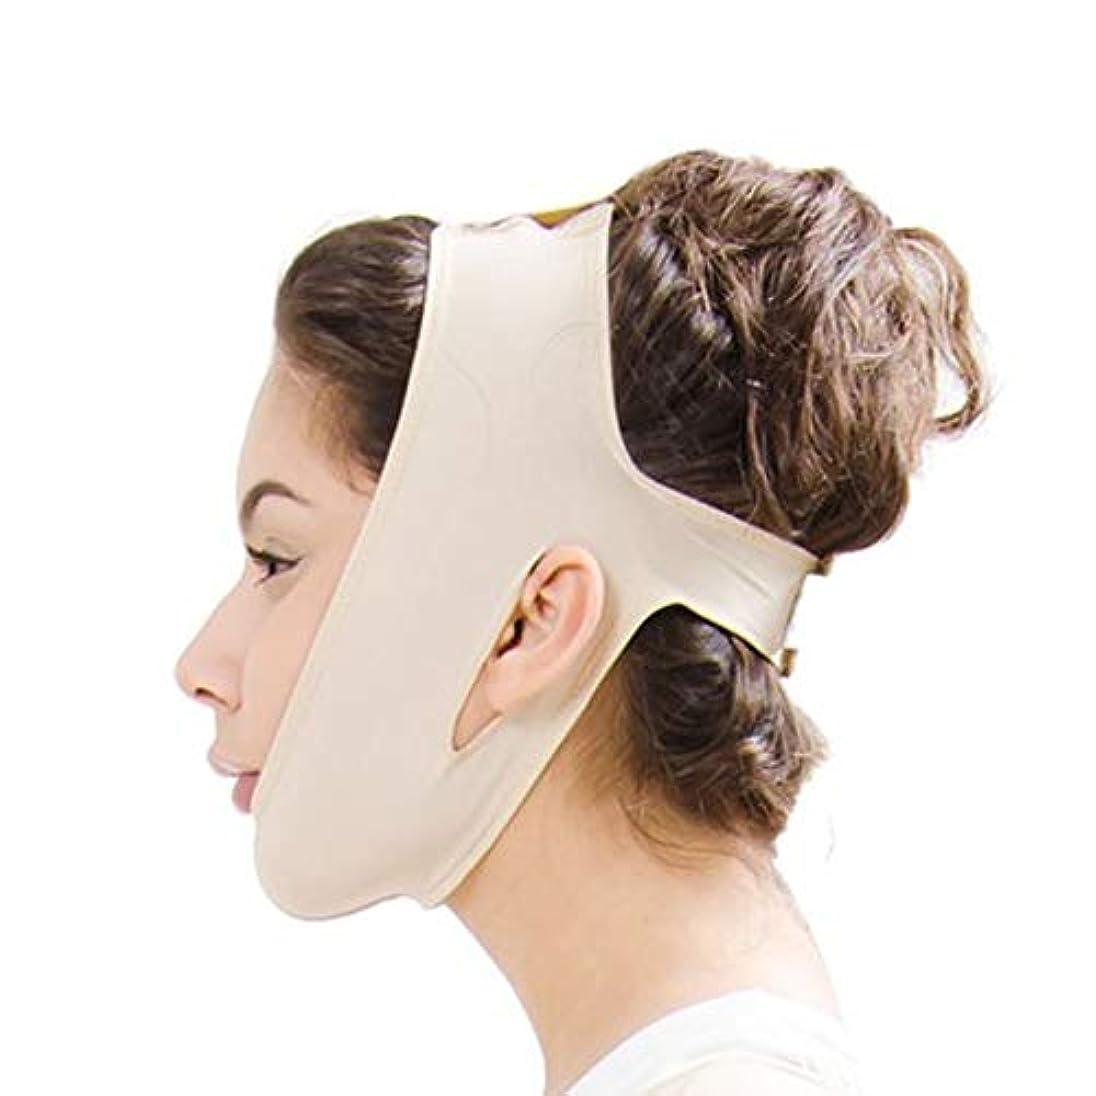 筋肉の最もおとなしいGLJJQMY フェイシャルリフティングマスクフェイシャルダブルチンコンプレッションV字型フェイスブレスレットヘッドギアリフティングファーミングスキン 顔用整形マスク (Size : XL)